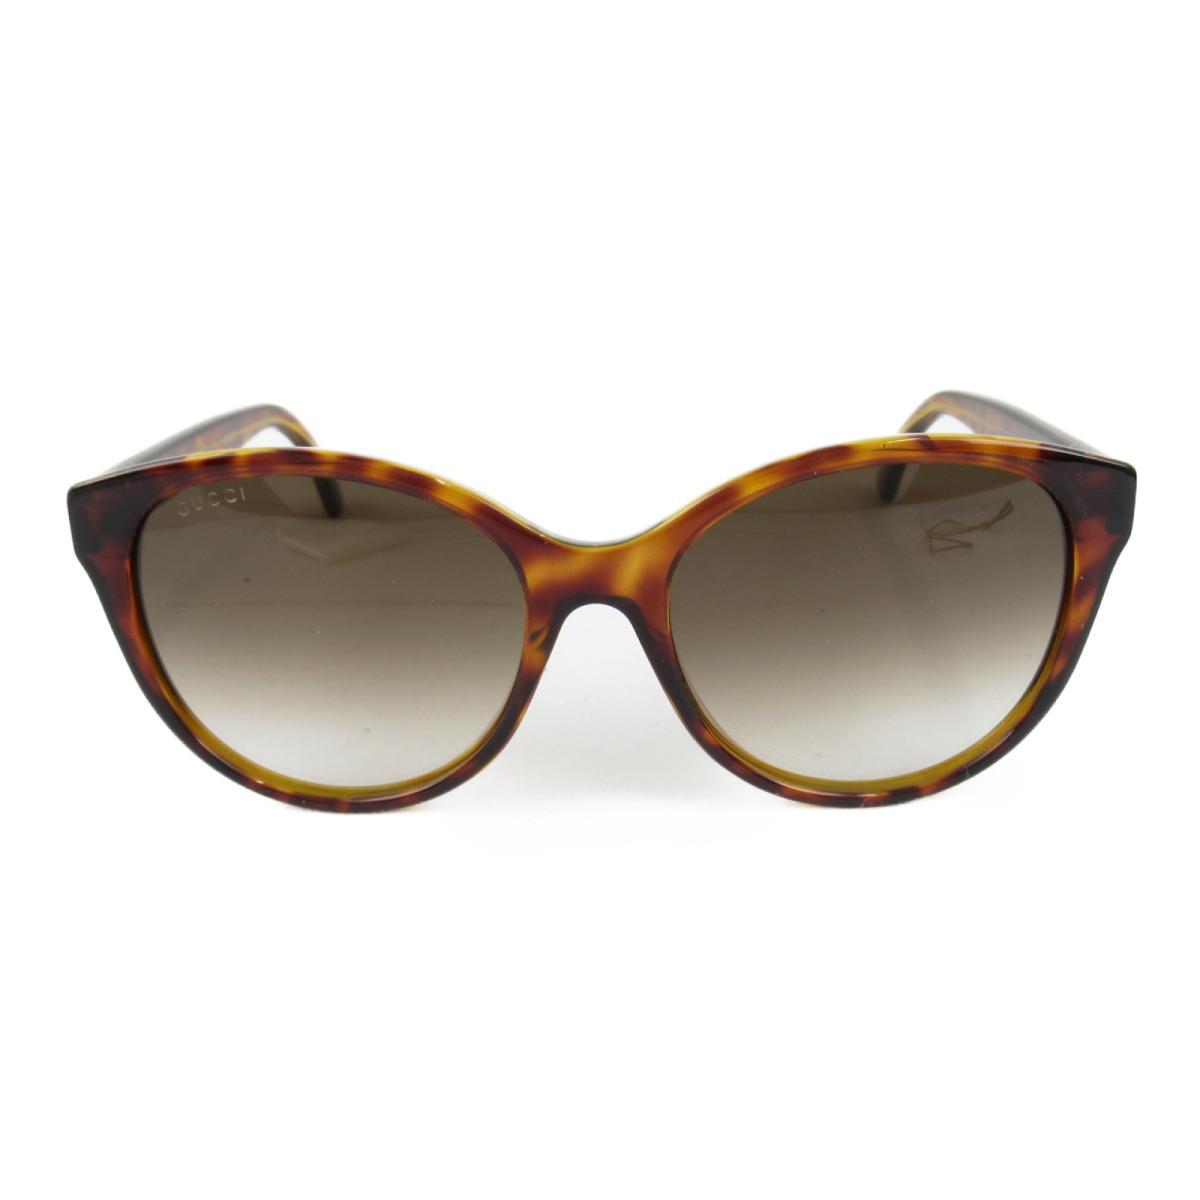 グッチ サングラス ボストン メンズ レディース レンズ・フレーム・テンプル:プラスチック ブラウン x (0631S 2 56ロ18-145) | GUCCI BRANDOFF ブランドオフ ブランド ブランド雑貨 小物 雑貨 眼鏡 メガネ めがね